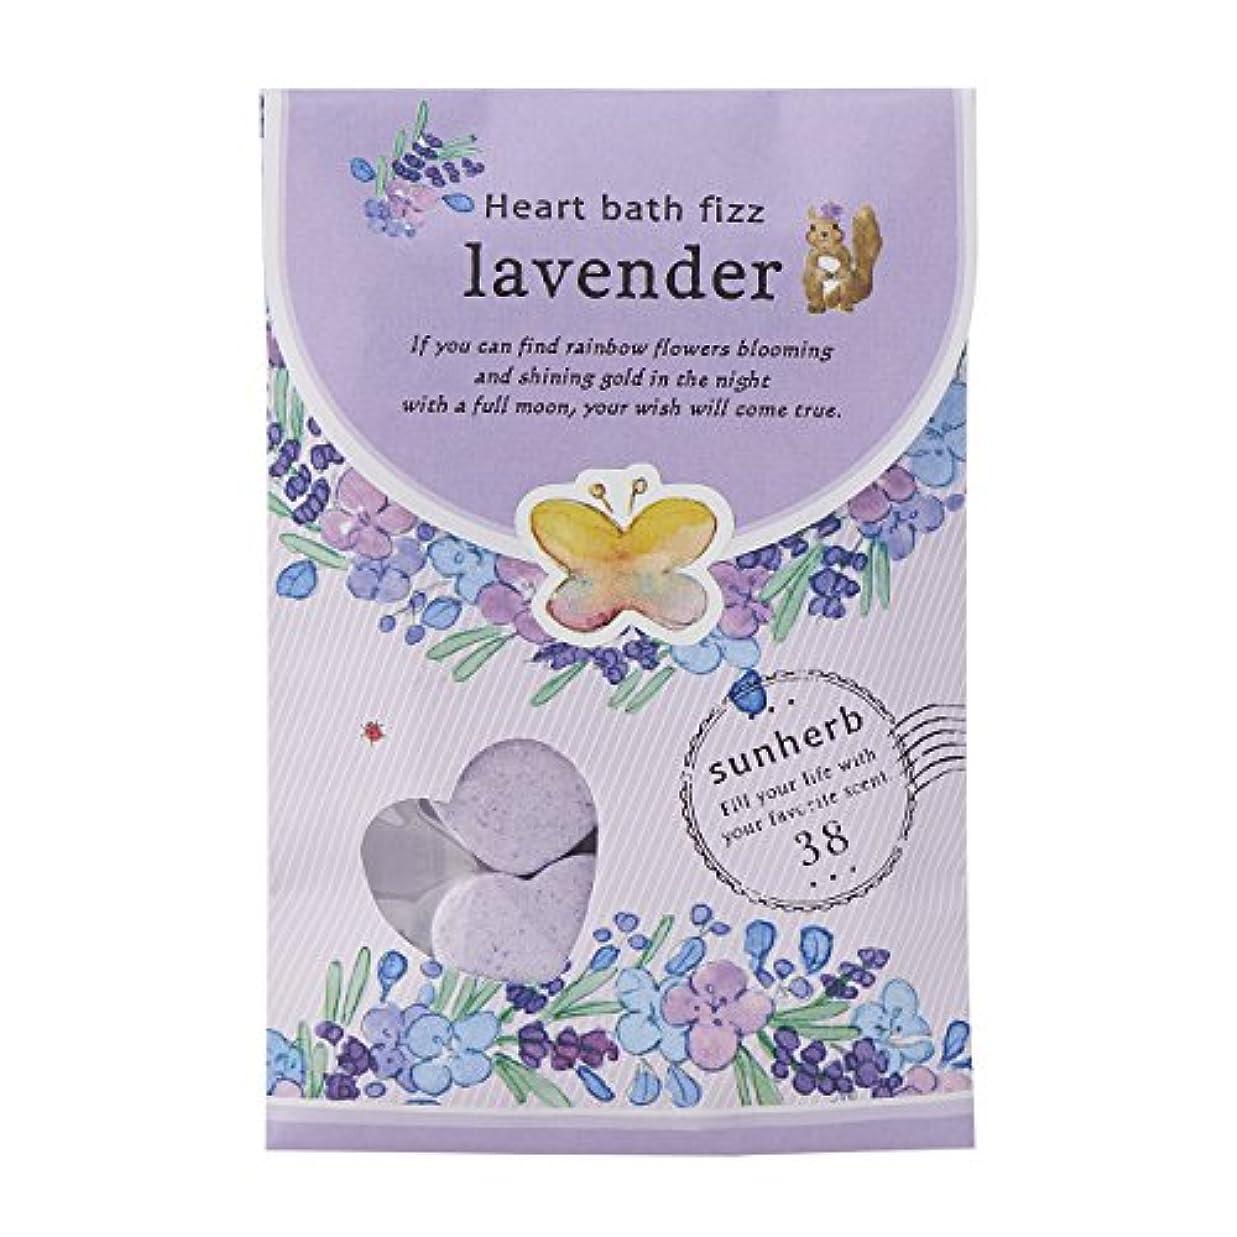 サンハーブ ハートバスフィズ28g×2包 ラベンダー(発泡タイプの入浴料 ふわっと爽やかなラベンダーの香り)